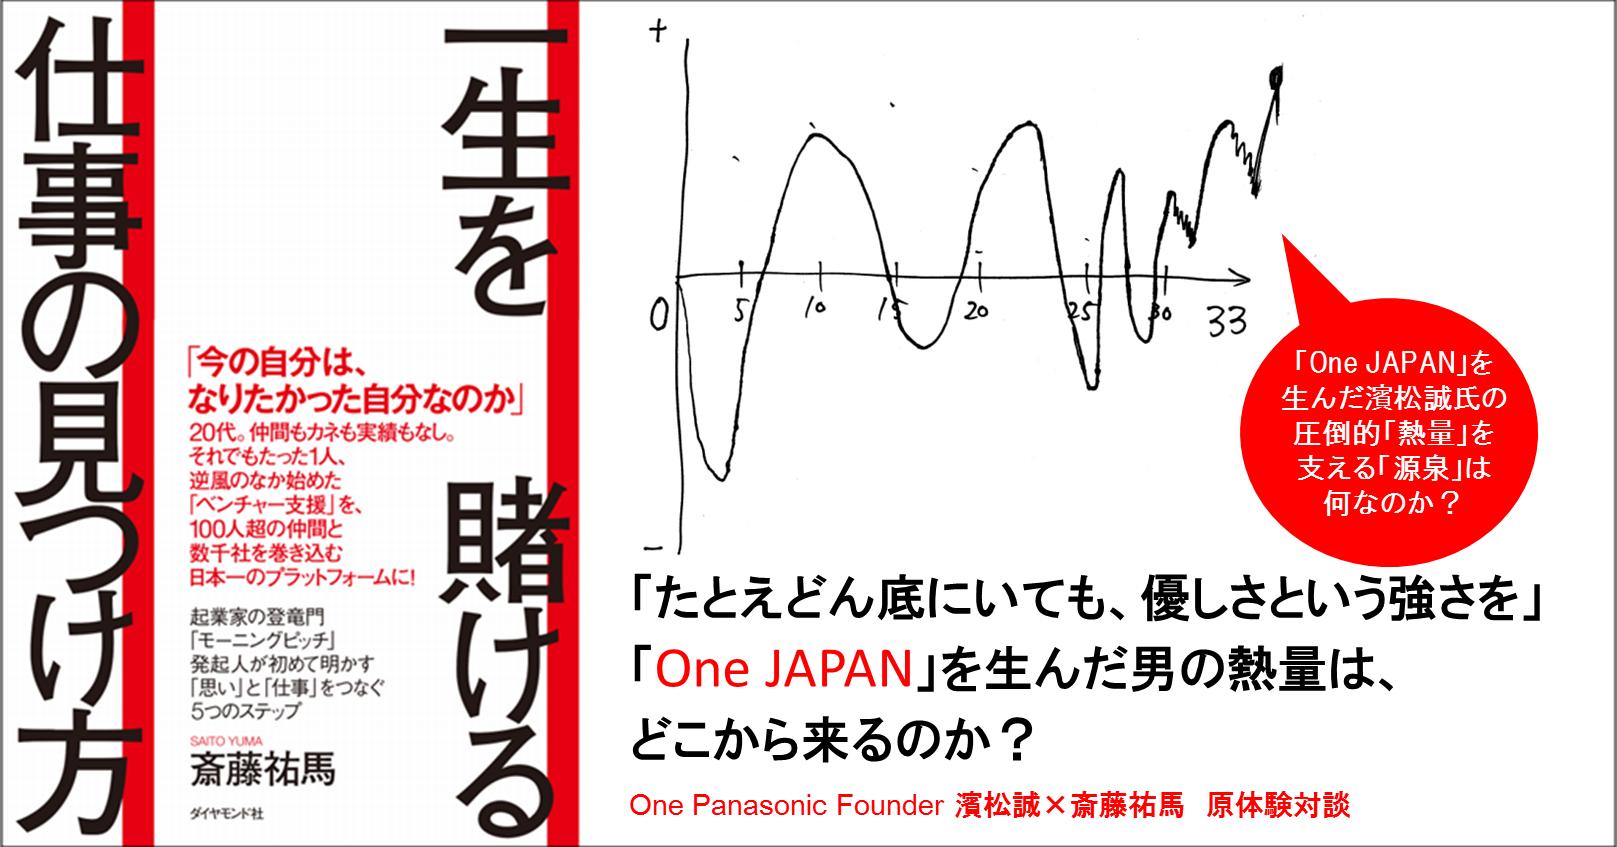 「たとえどん底にいても、優しさという強さを」「One JAPAN」を生んだ男の熱量は、どこから来るのか?